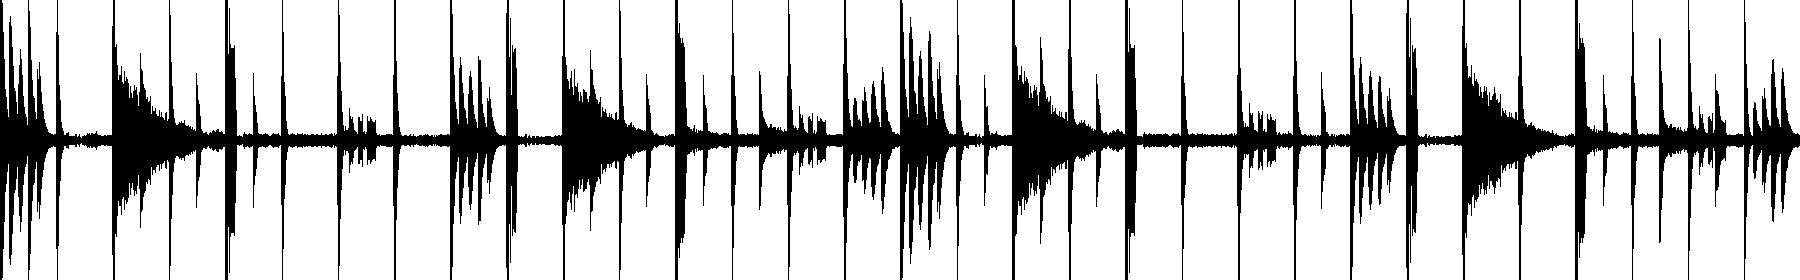 ufo 3 drum loop